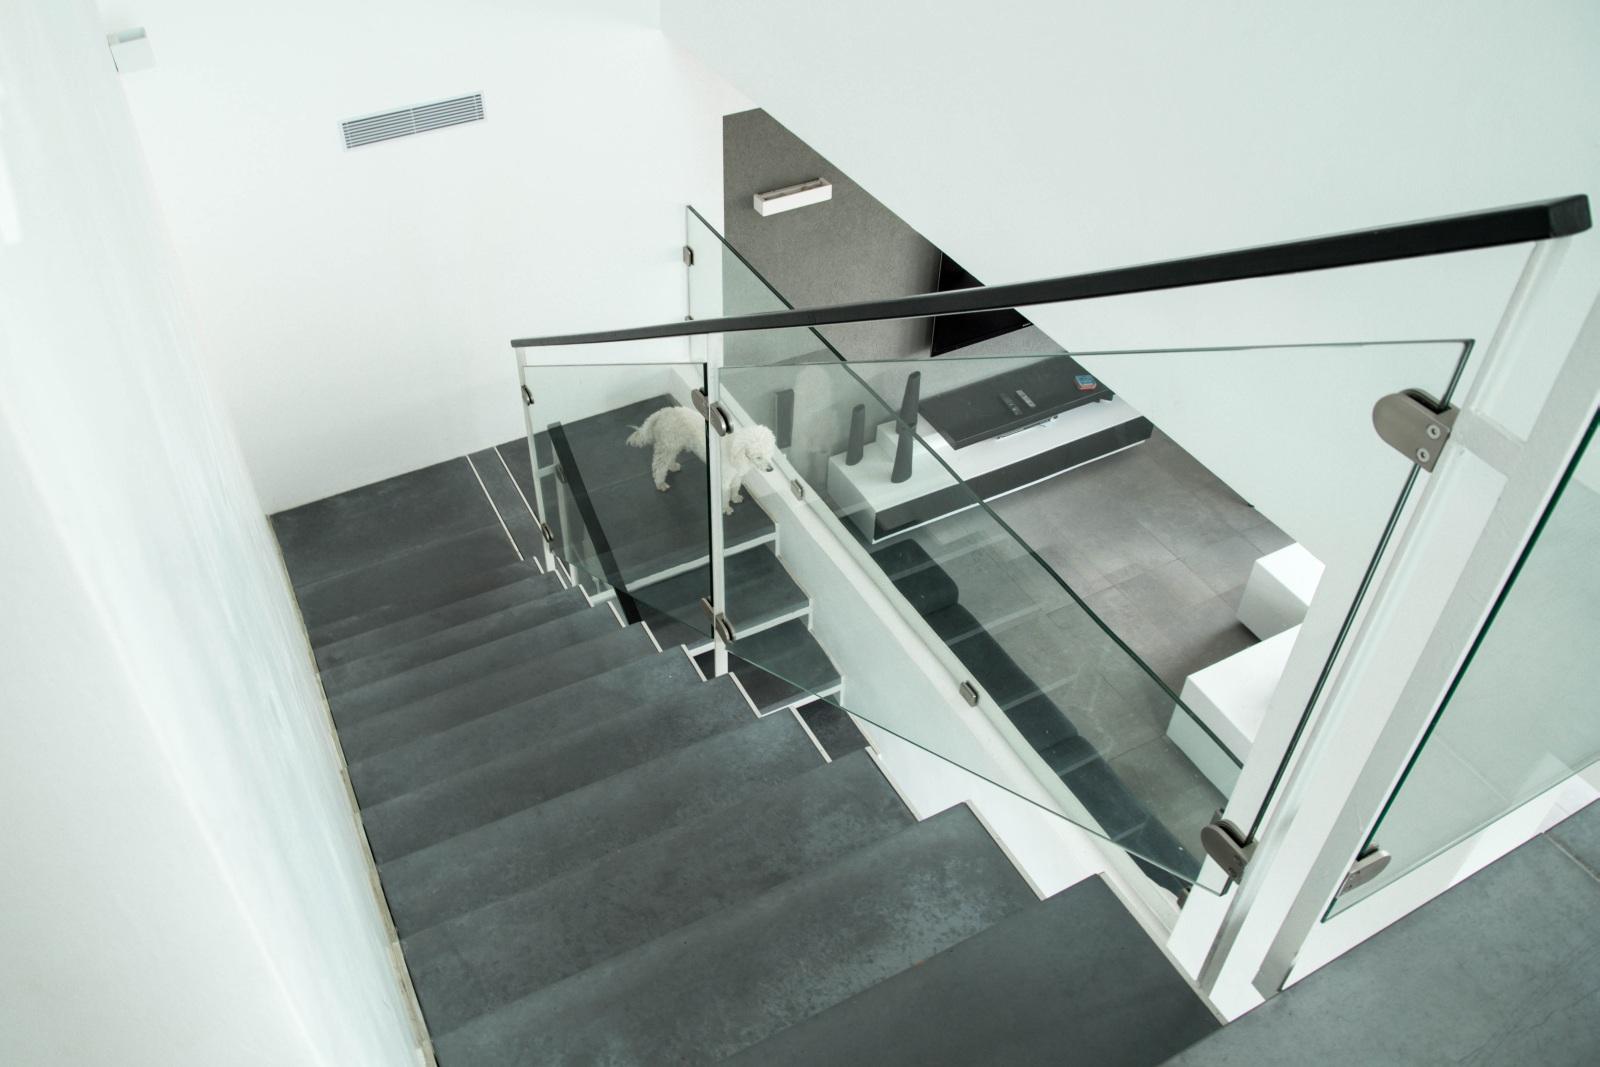 מדרגות ברזל ובטון. תכנון בתים בשוהם